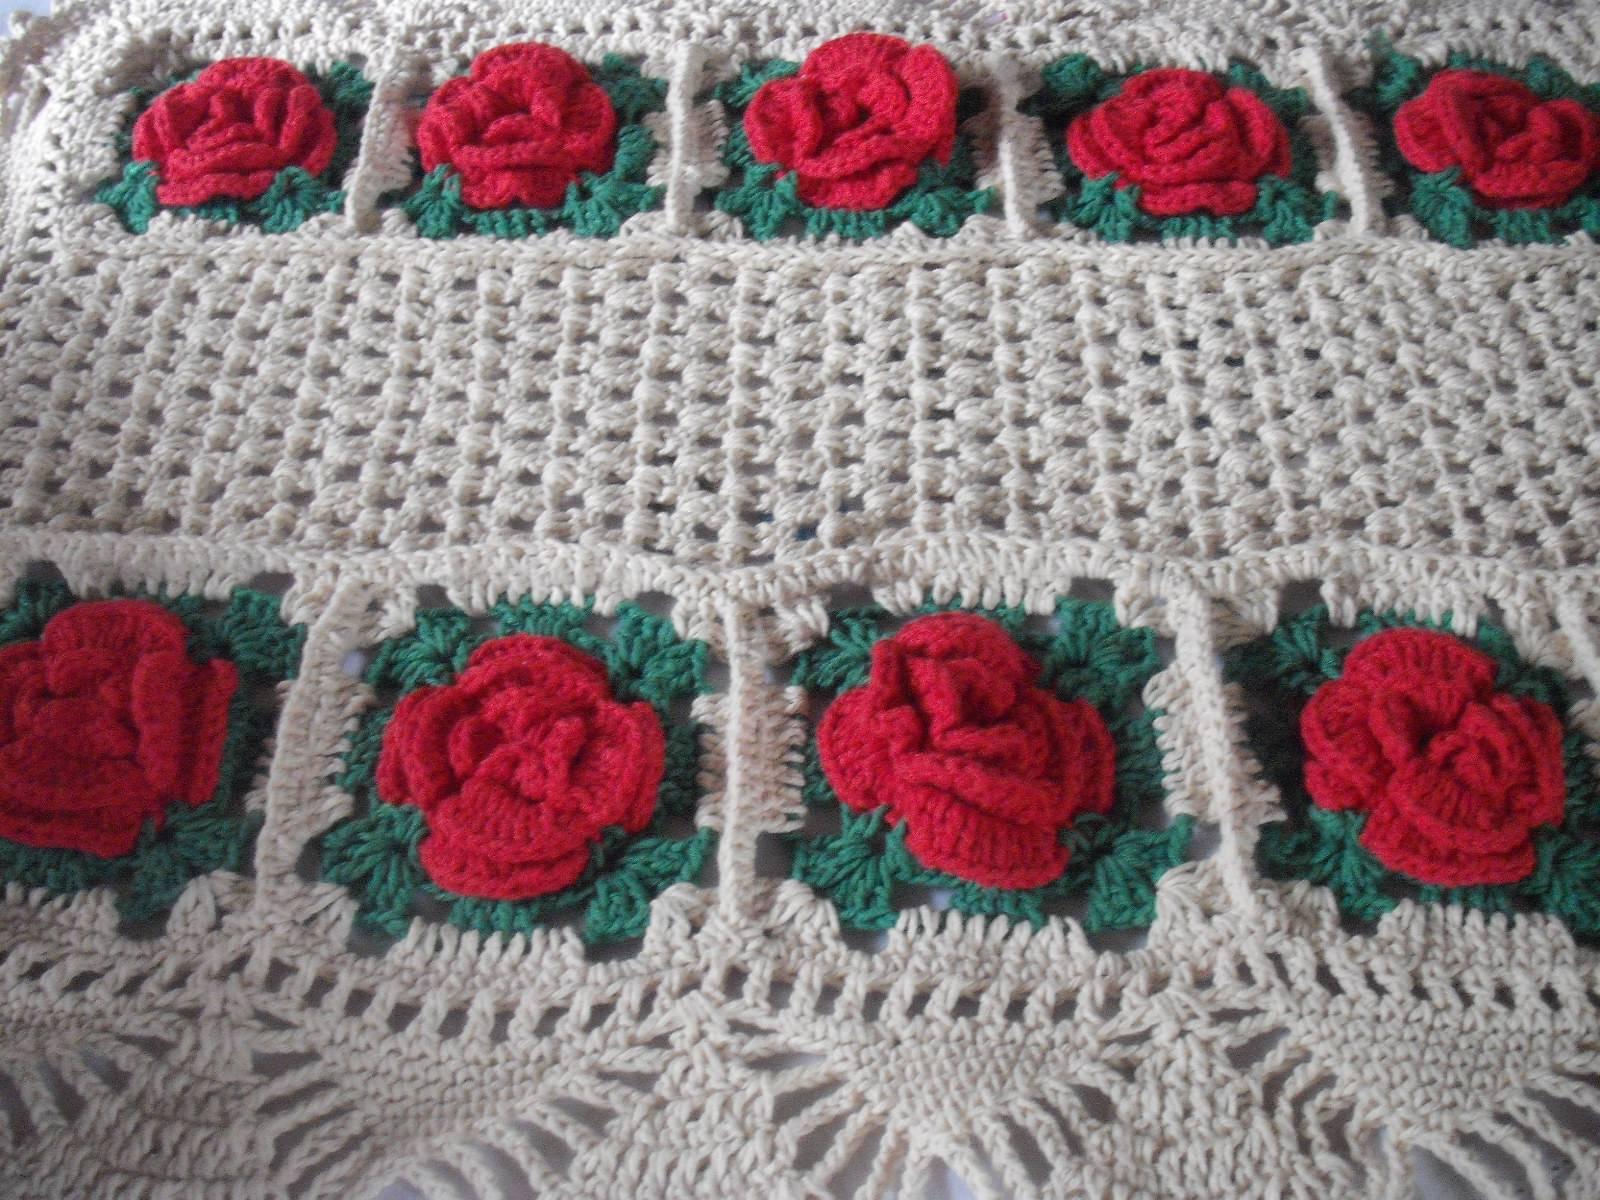 tapetes de barbante com flores vermelhas